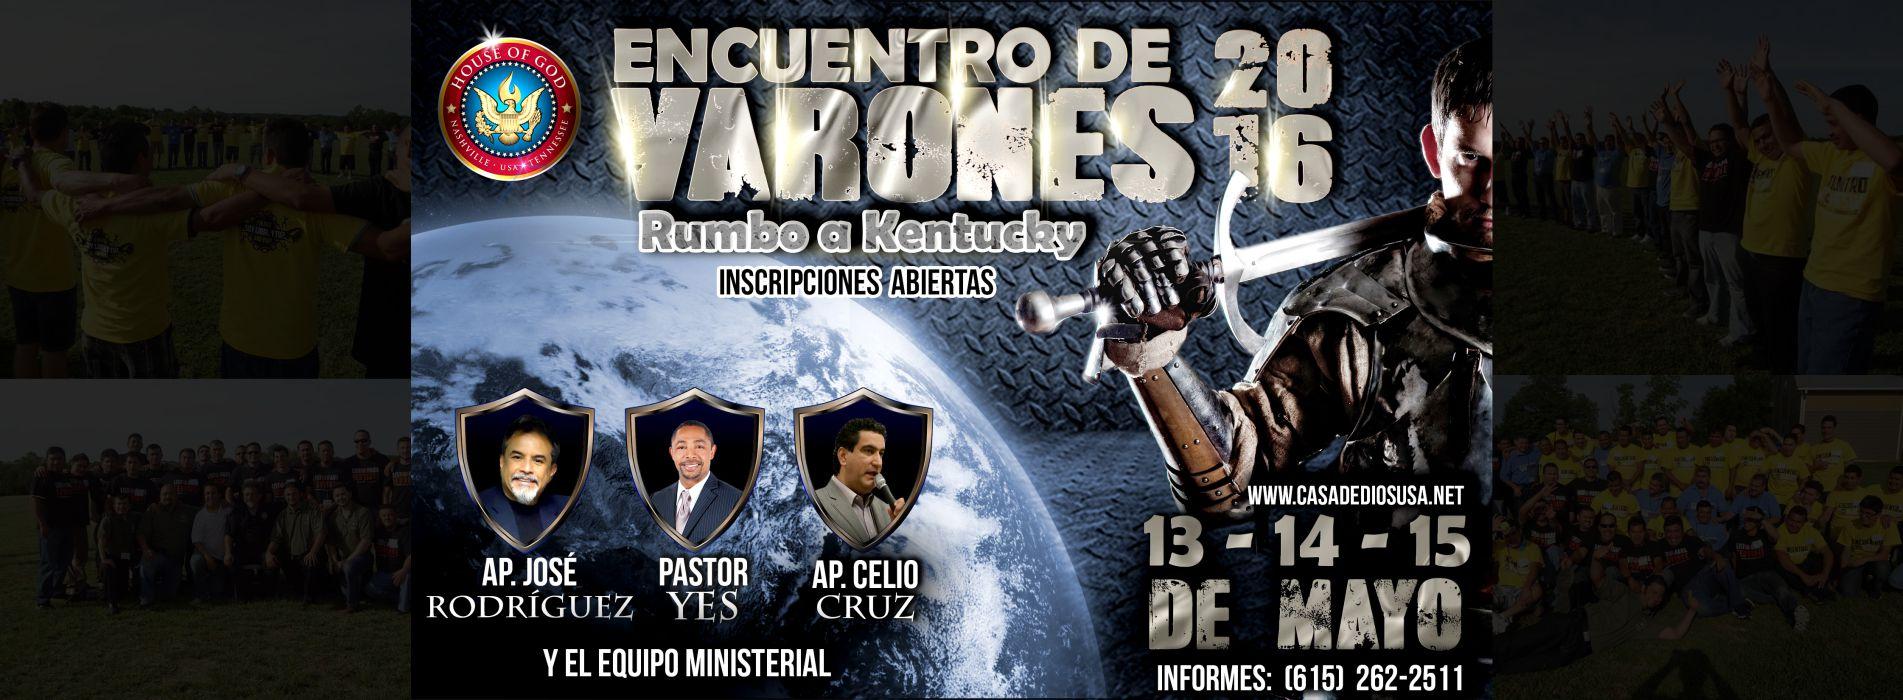 flyerencuentro2016